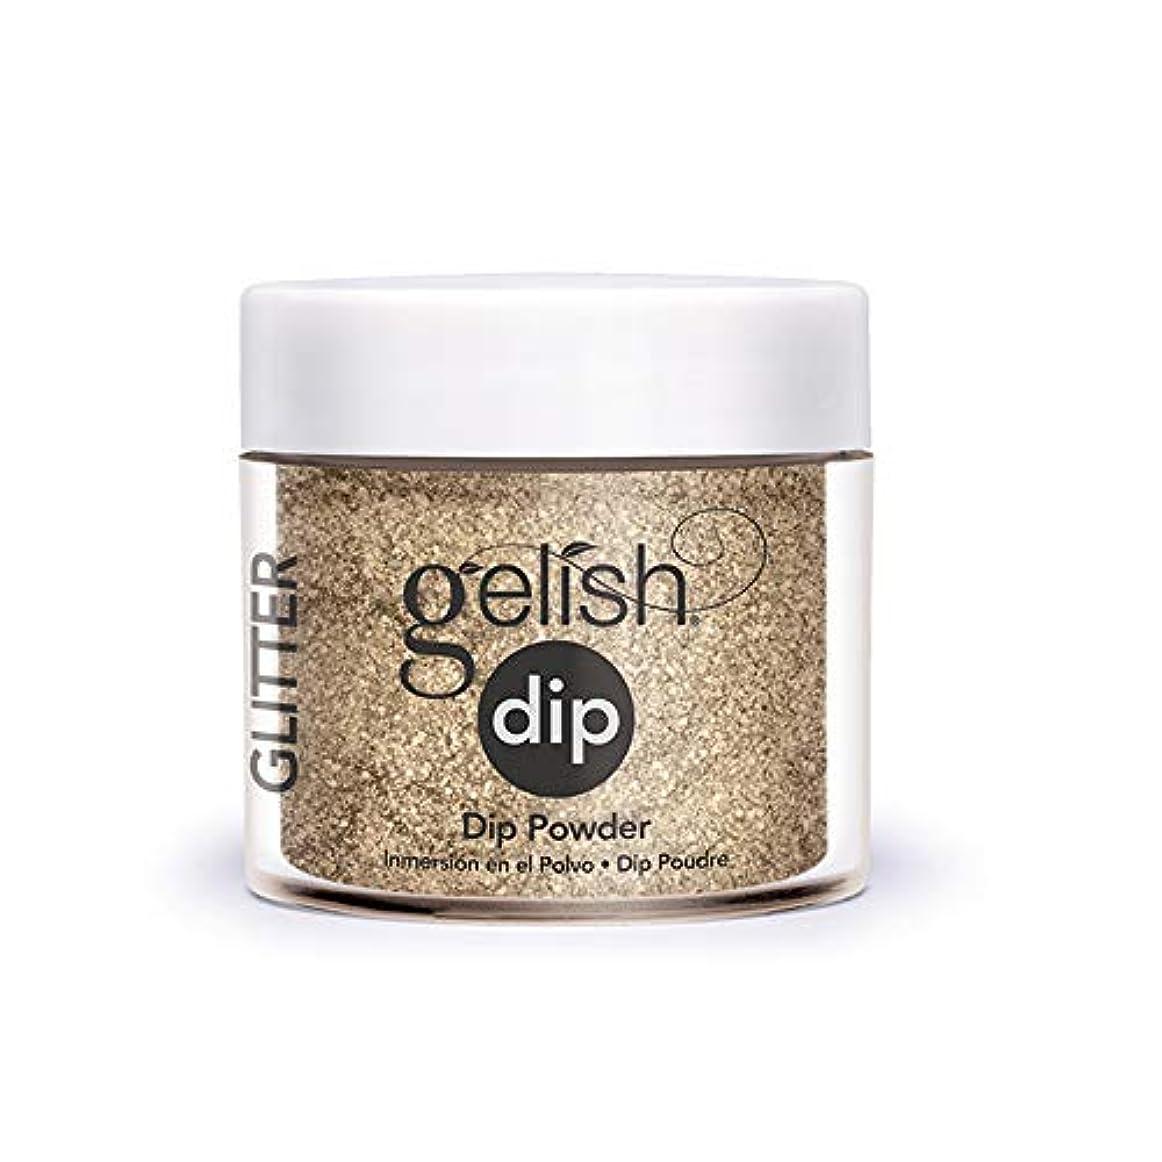 ゴムタイムリーなに賛成Harmony Gelish - Acrylic Dip Powder - Glitter & Gold - 23g / 0.8oz